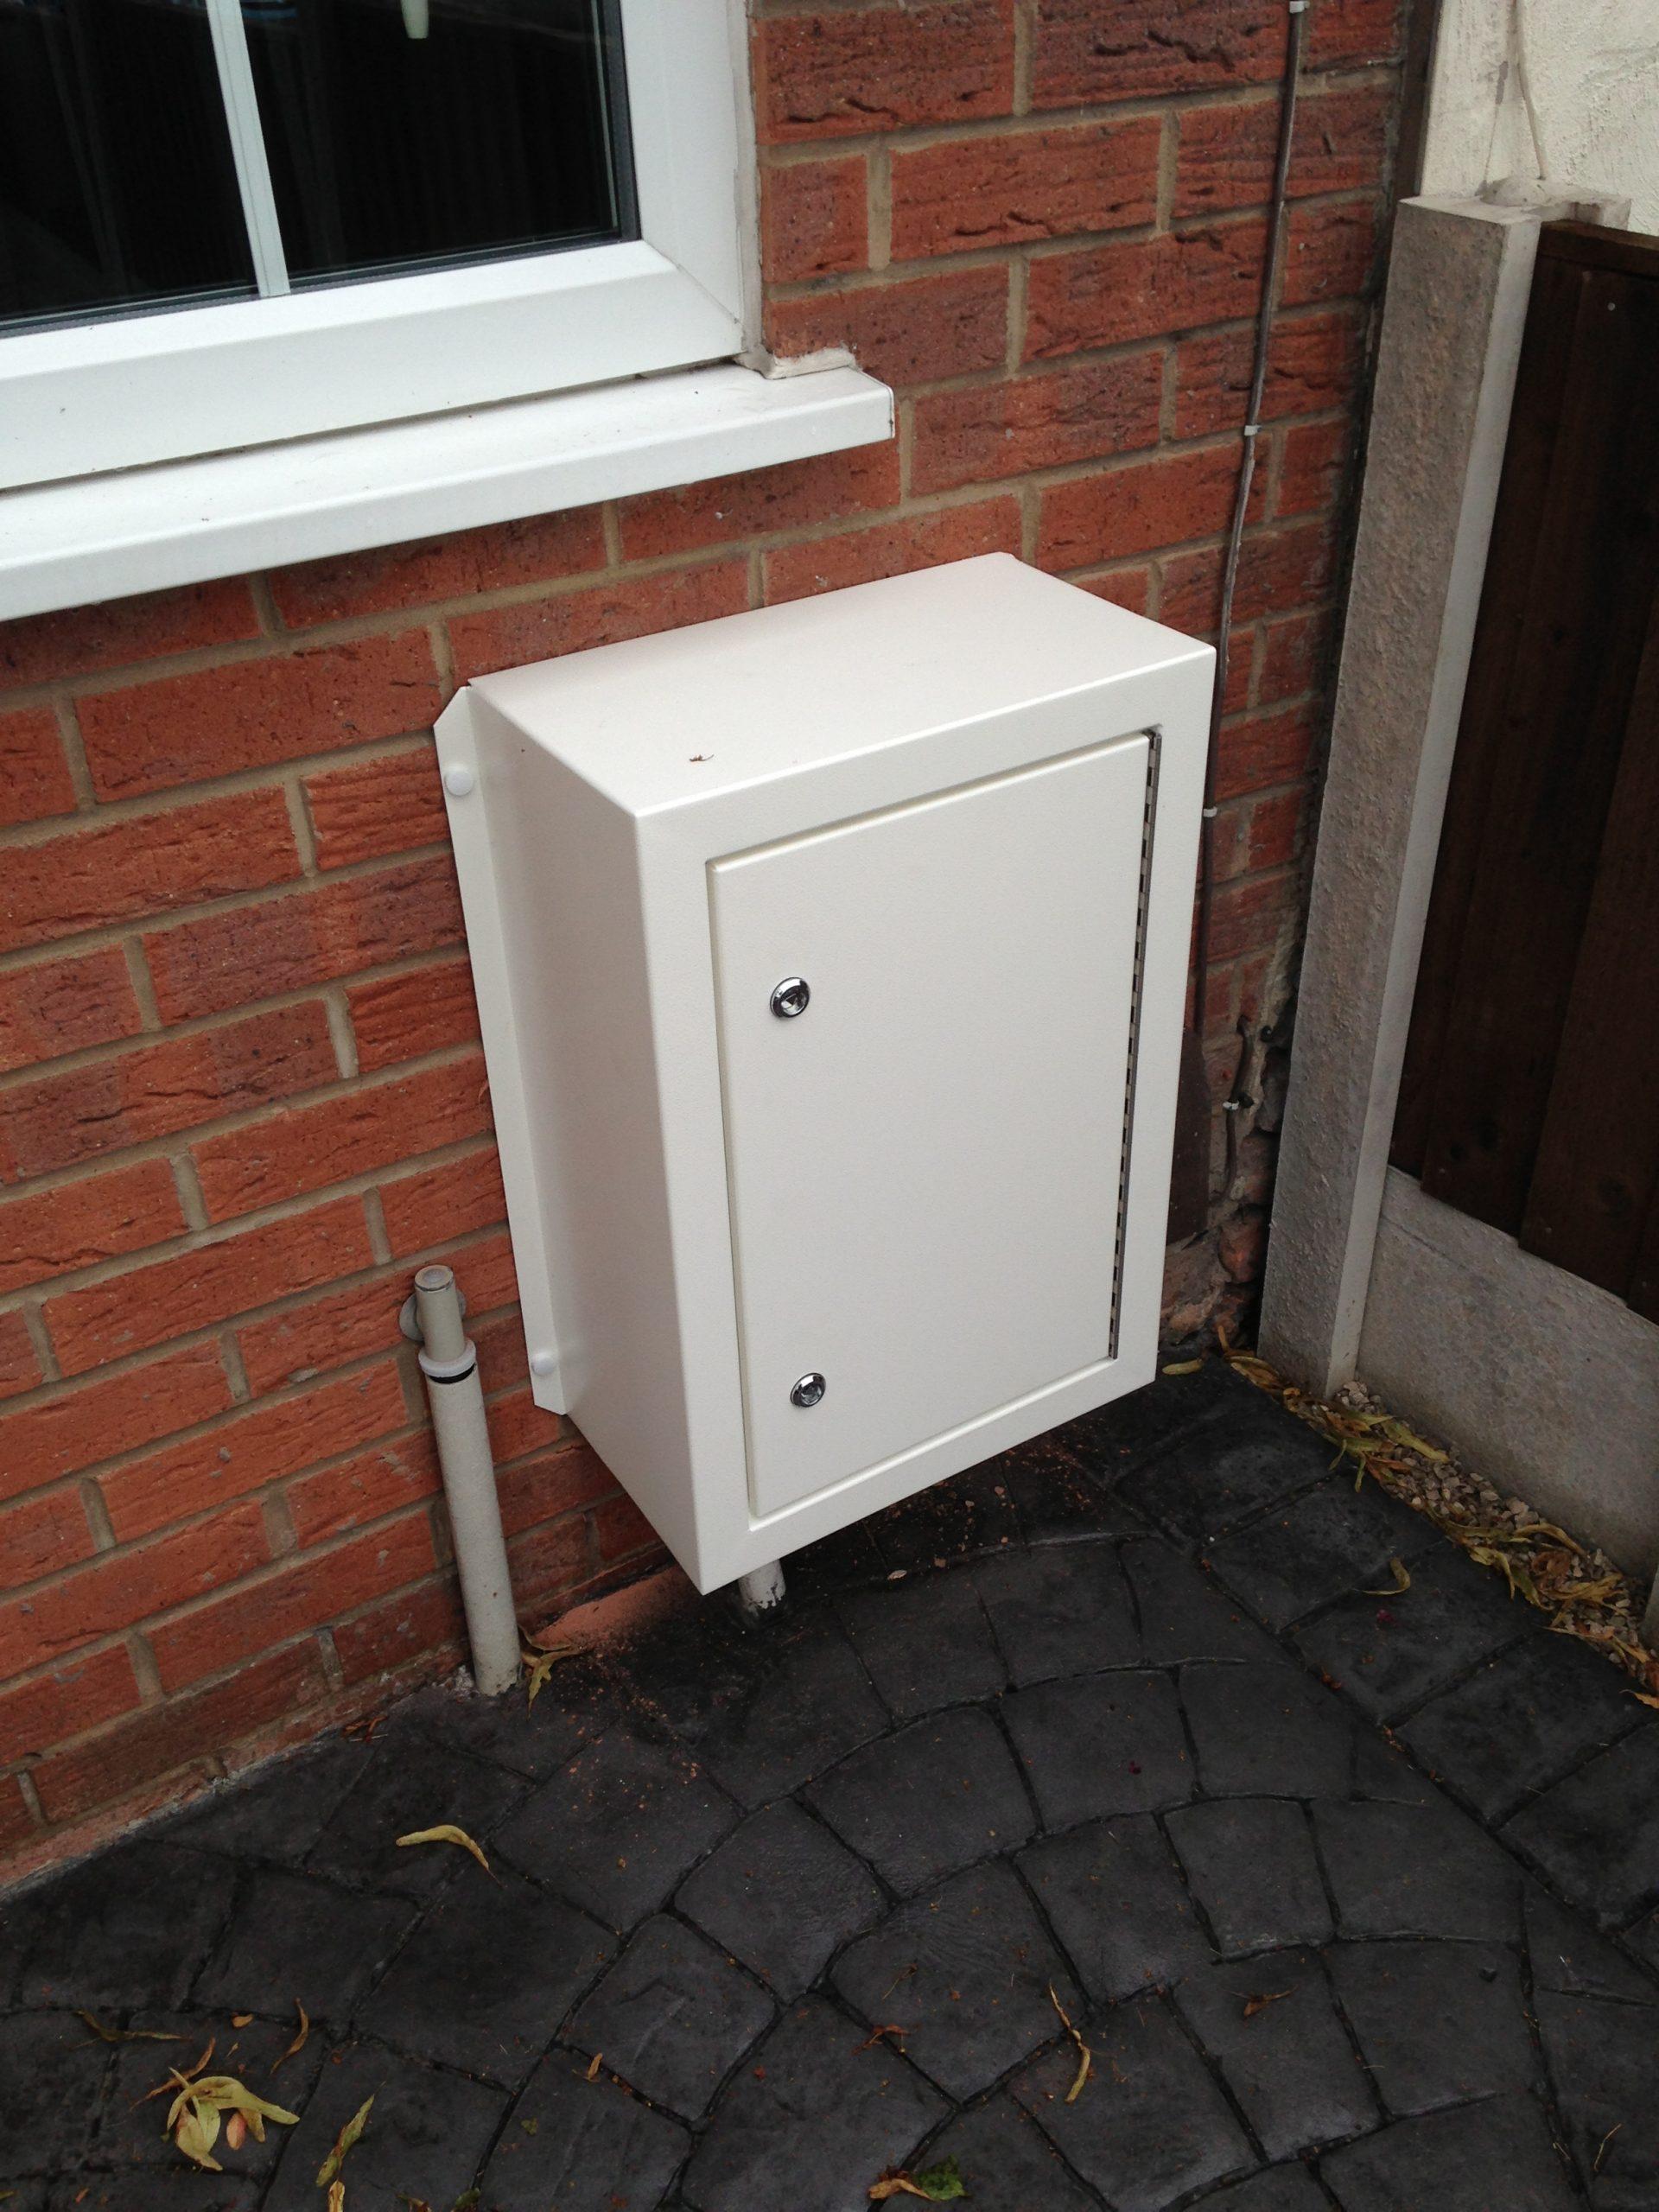 Electric Meter Box : Surface mounted gas electric meter repair box jml hardware